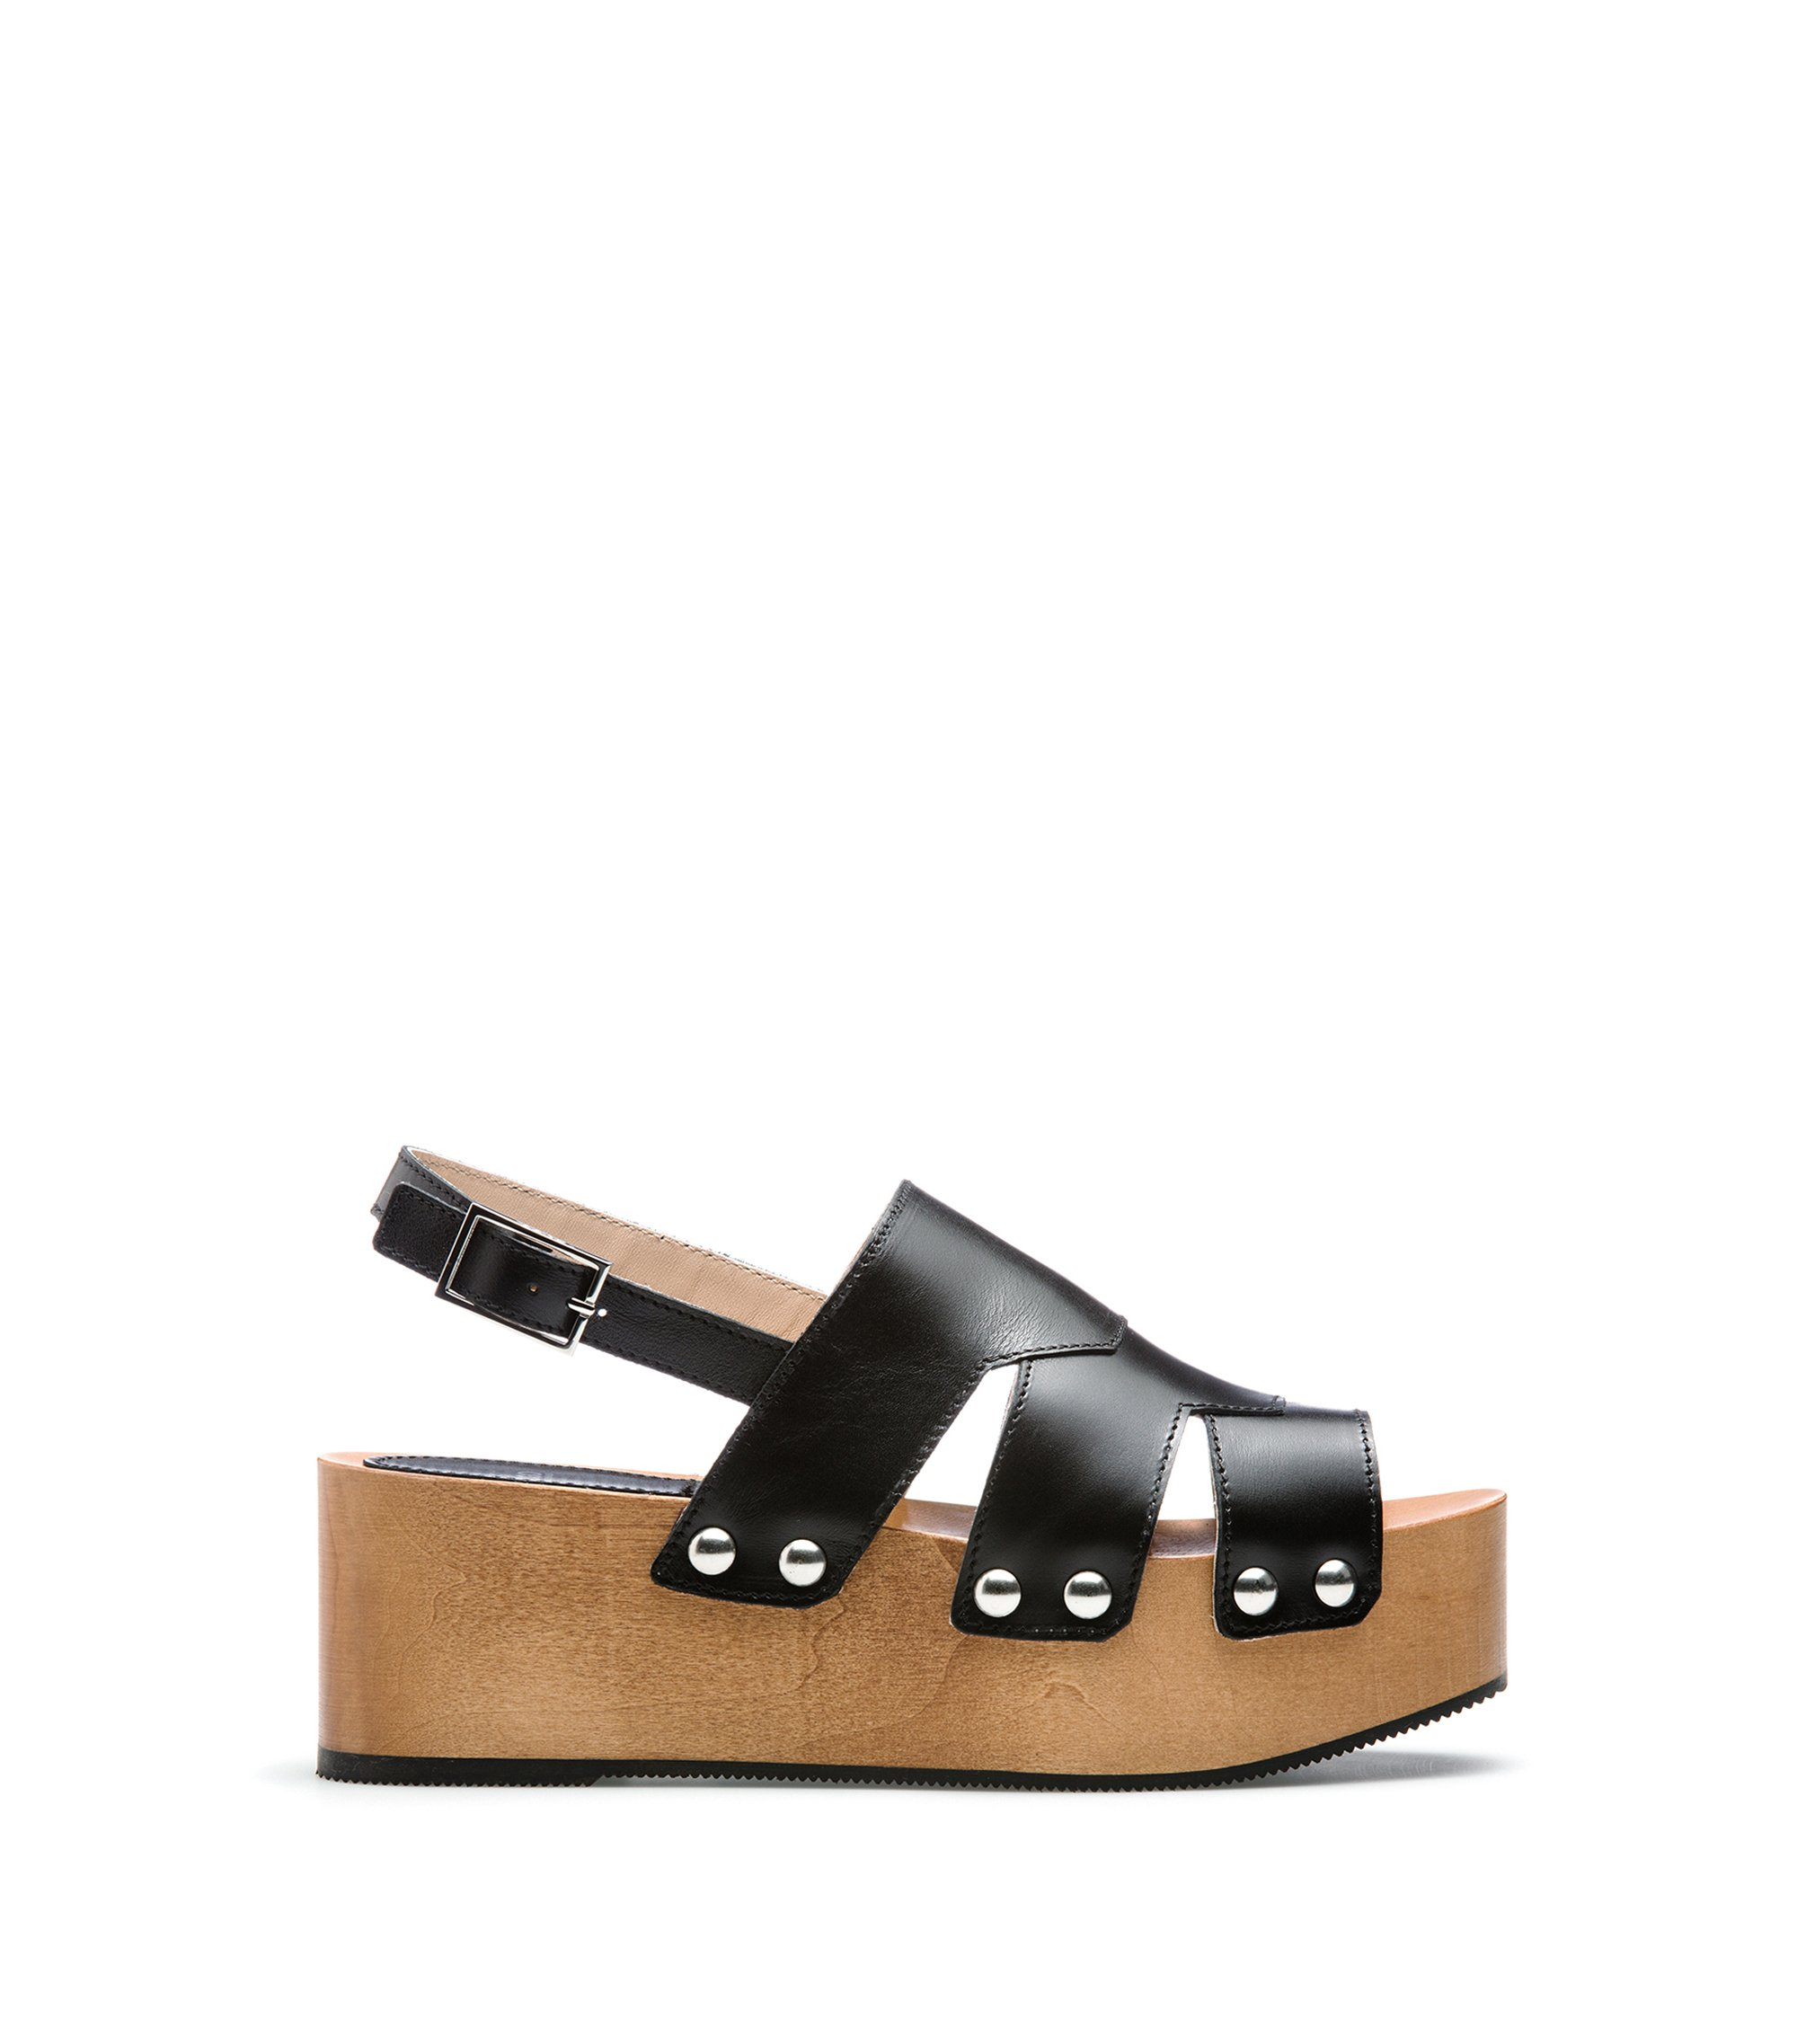 Leather platform sandals with stud detailing, Black